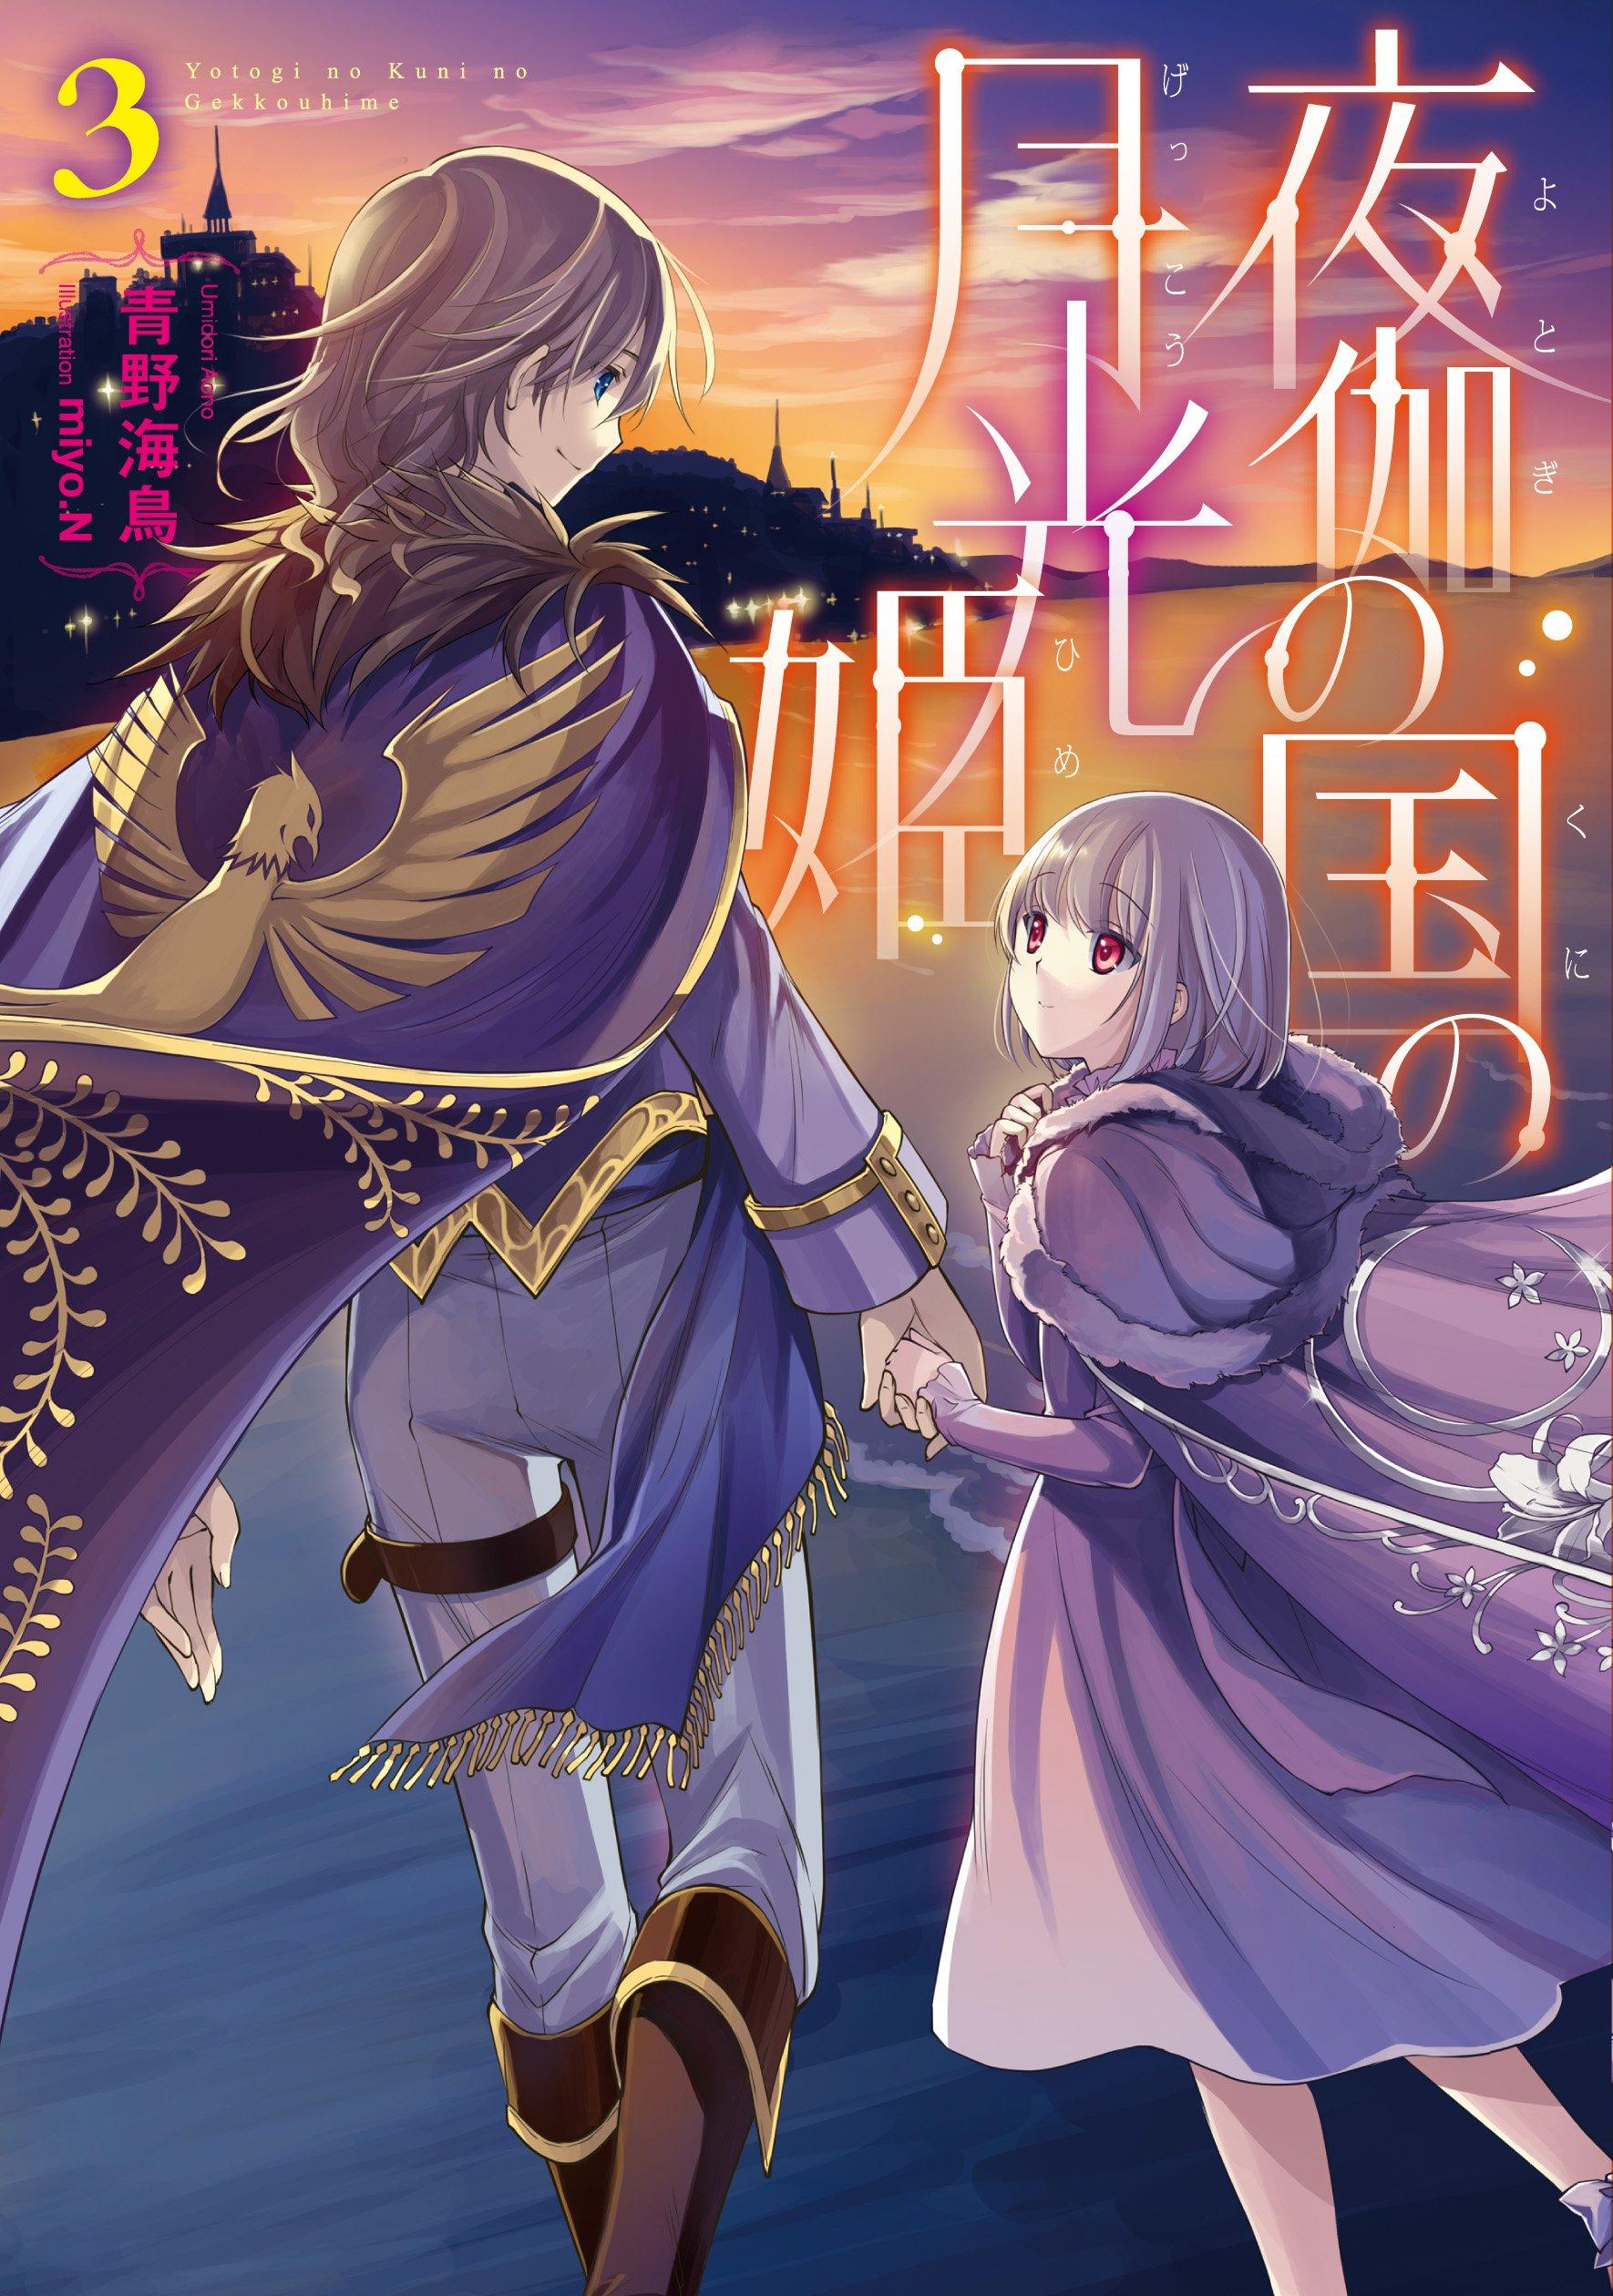 【ライトノベル】夜伽の国の月光姫 3巻